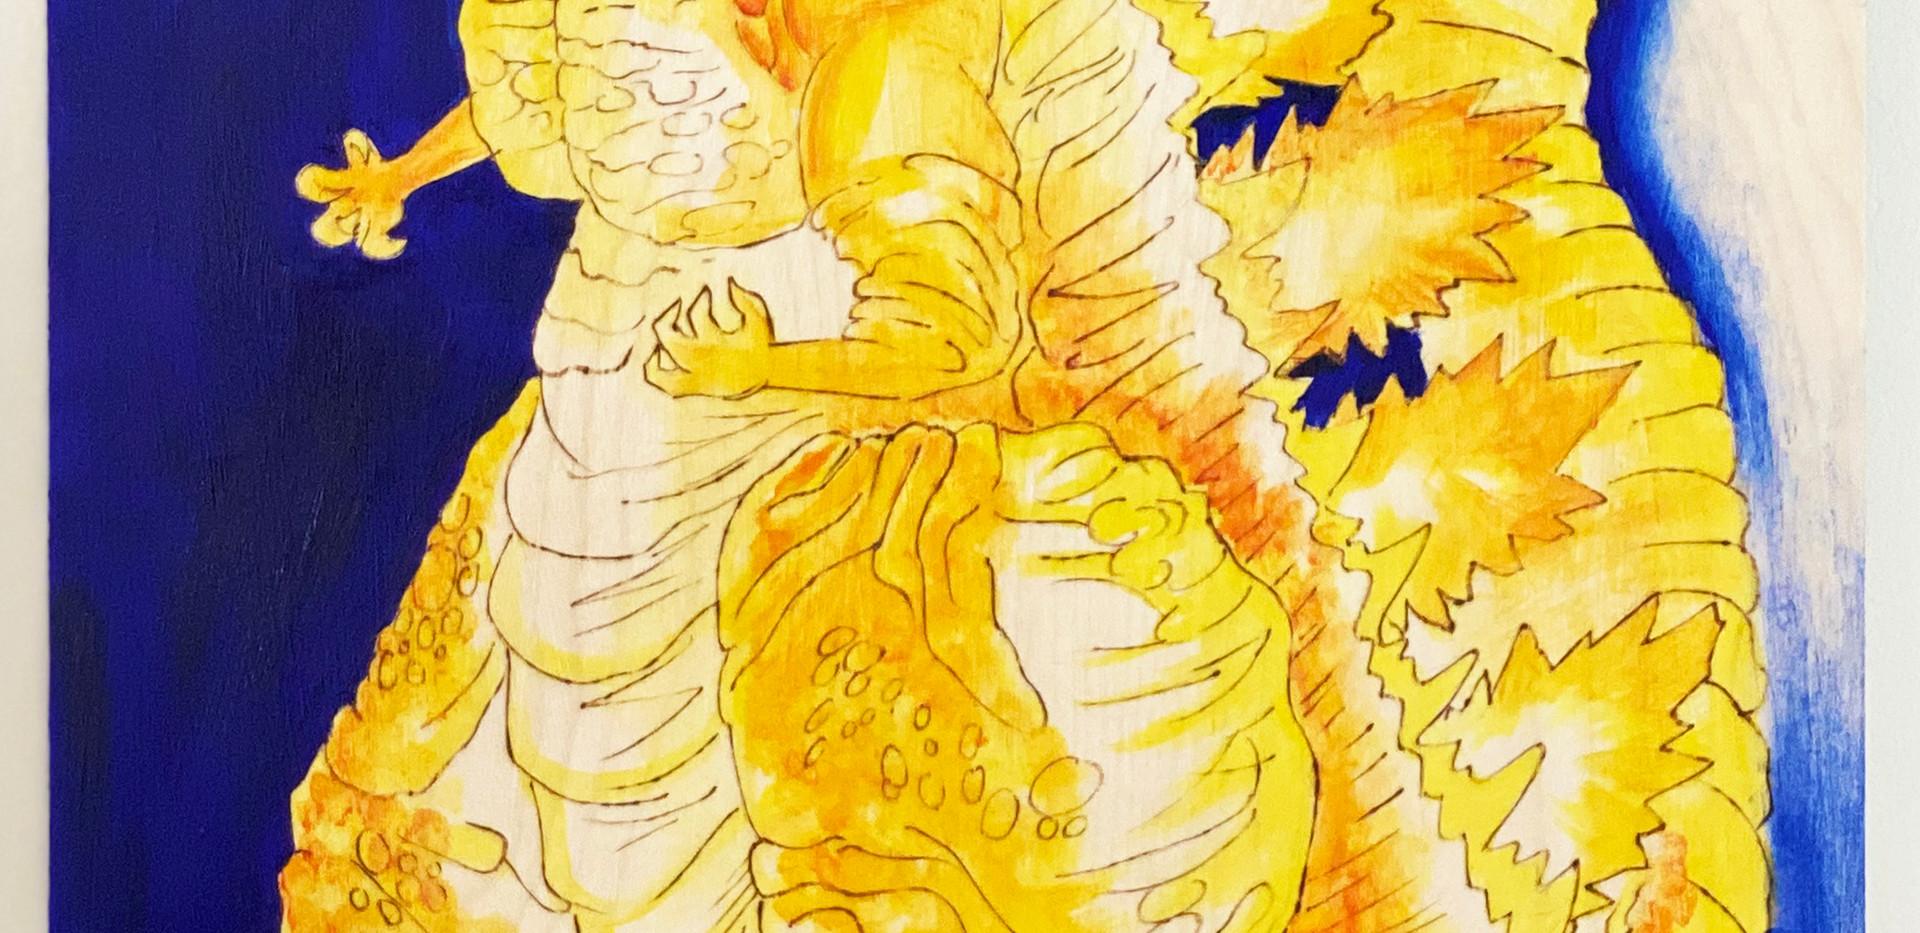 YellowKaiju.1.jpg